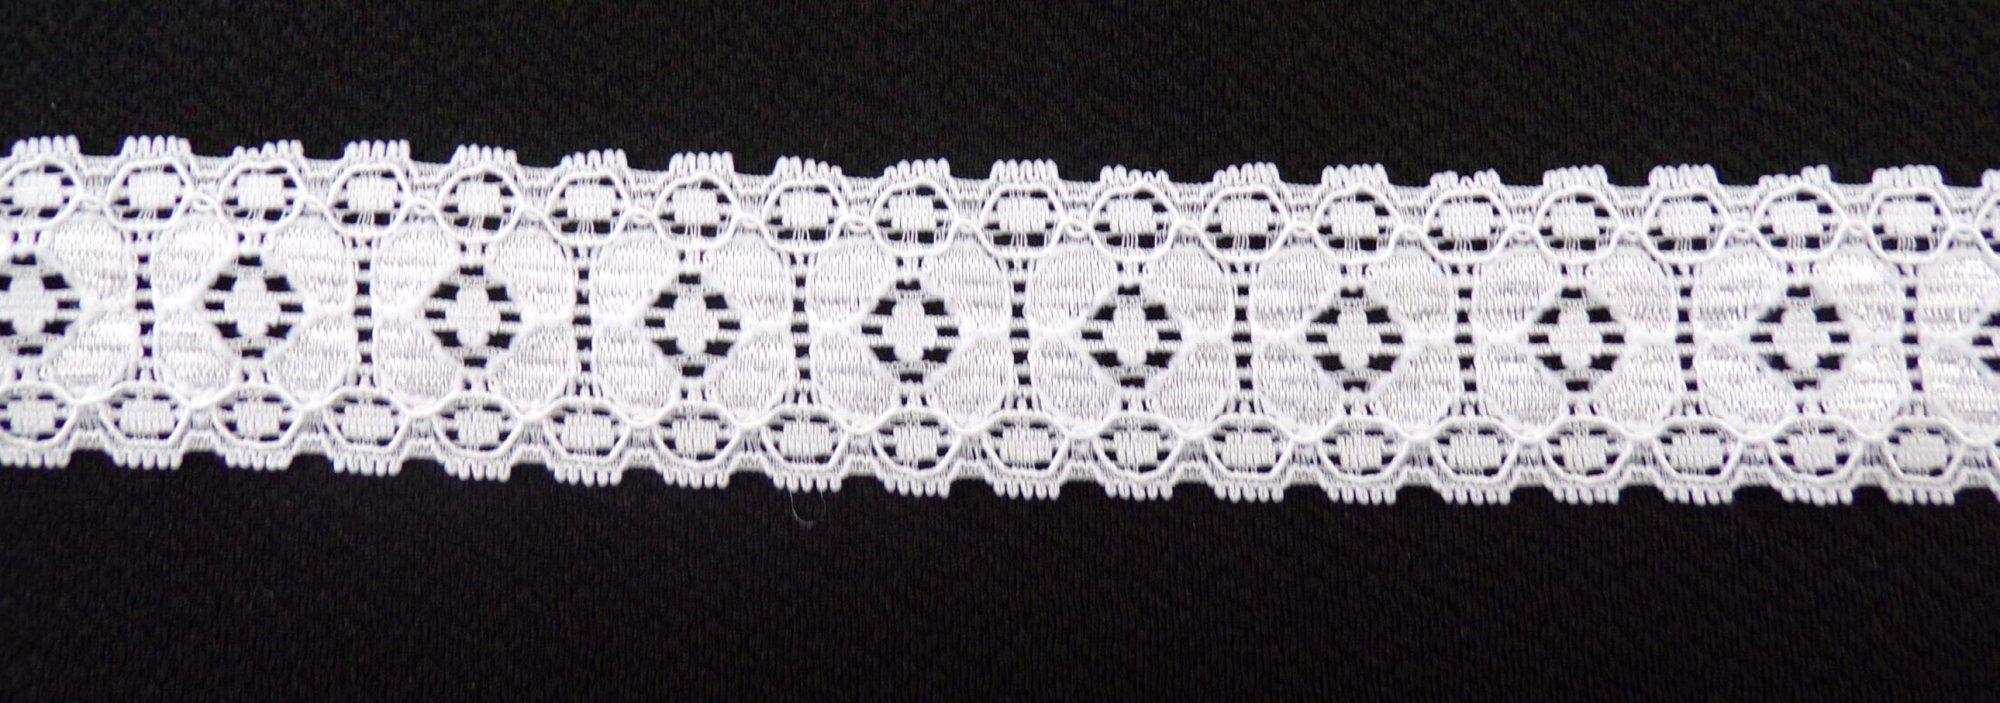 1 1/8in White stretch lace (SL943)